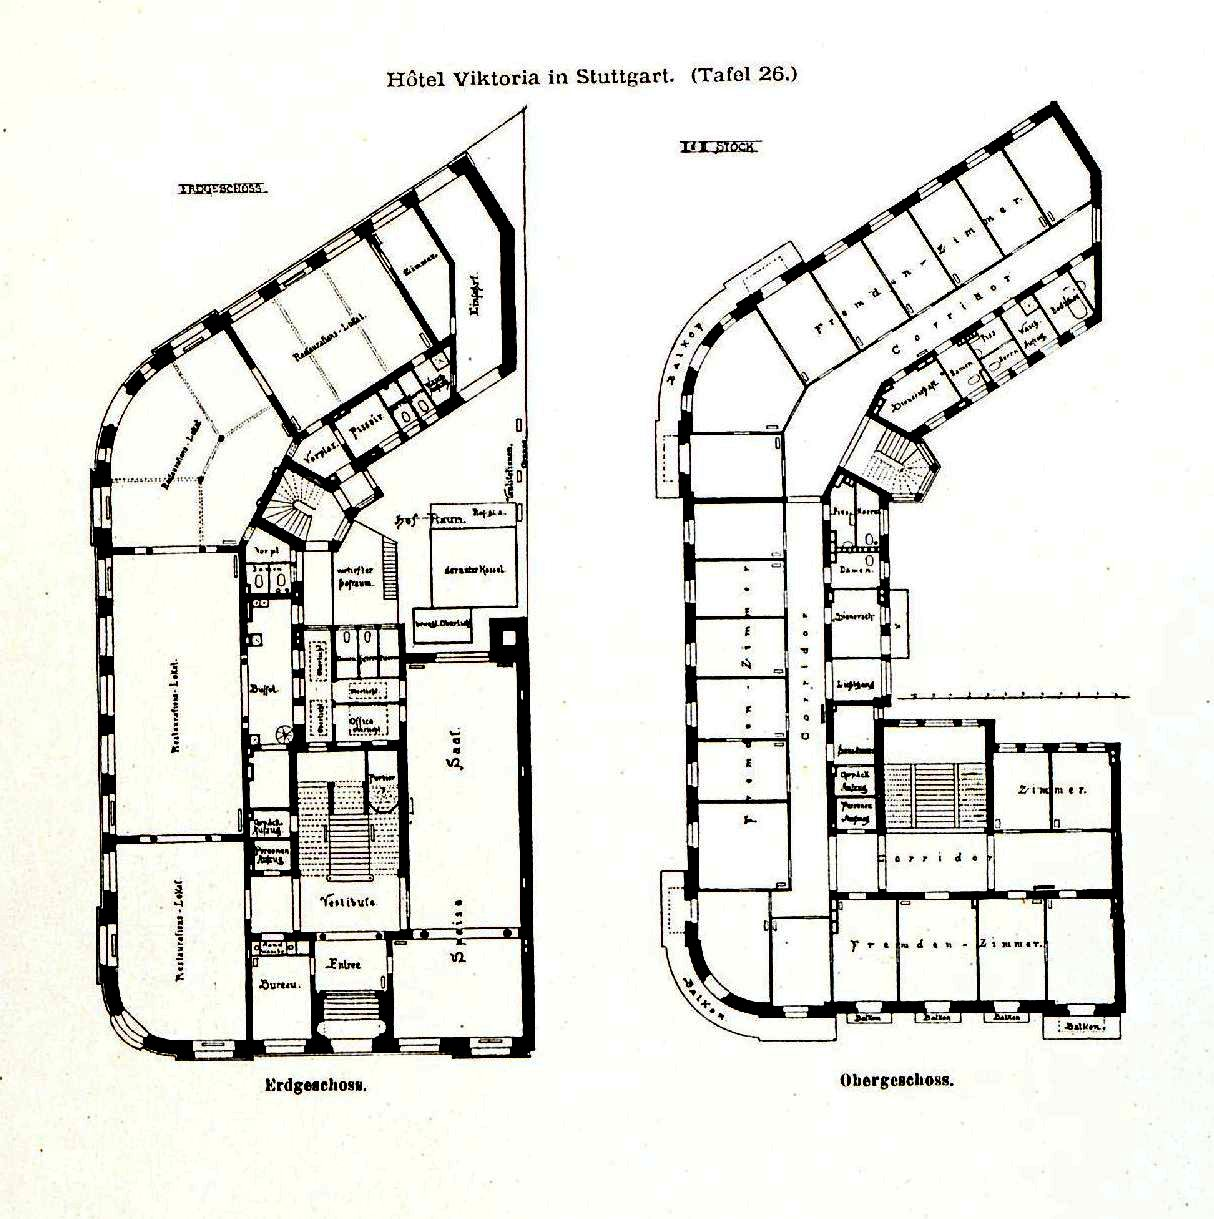 Grundriss Hotelfoyer : Datei hotel viktoria in stuttgart architekten bihl